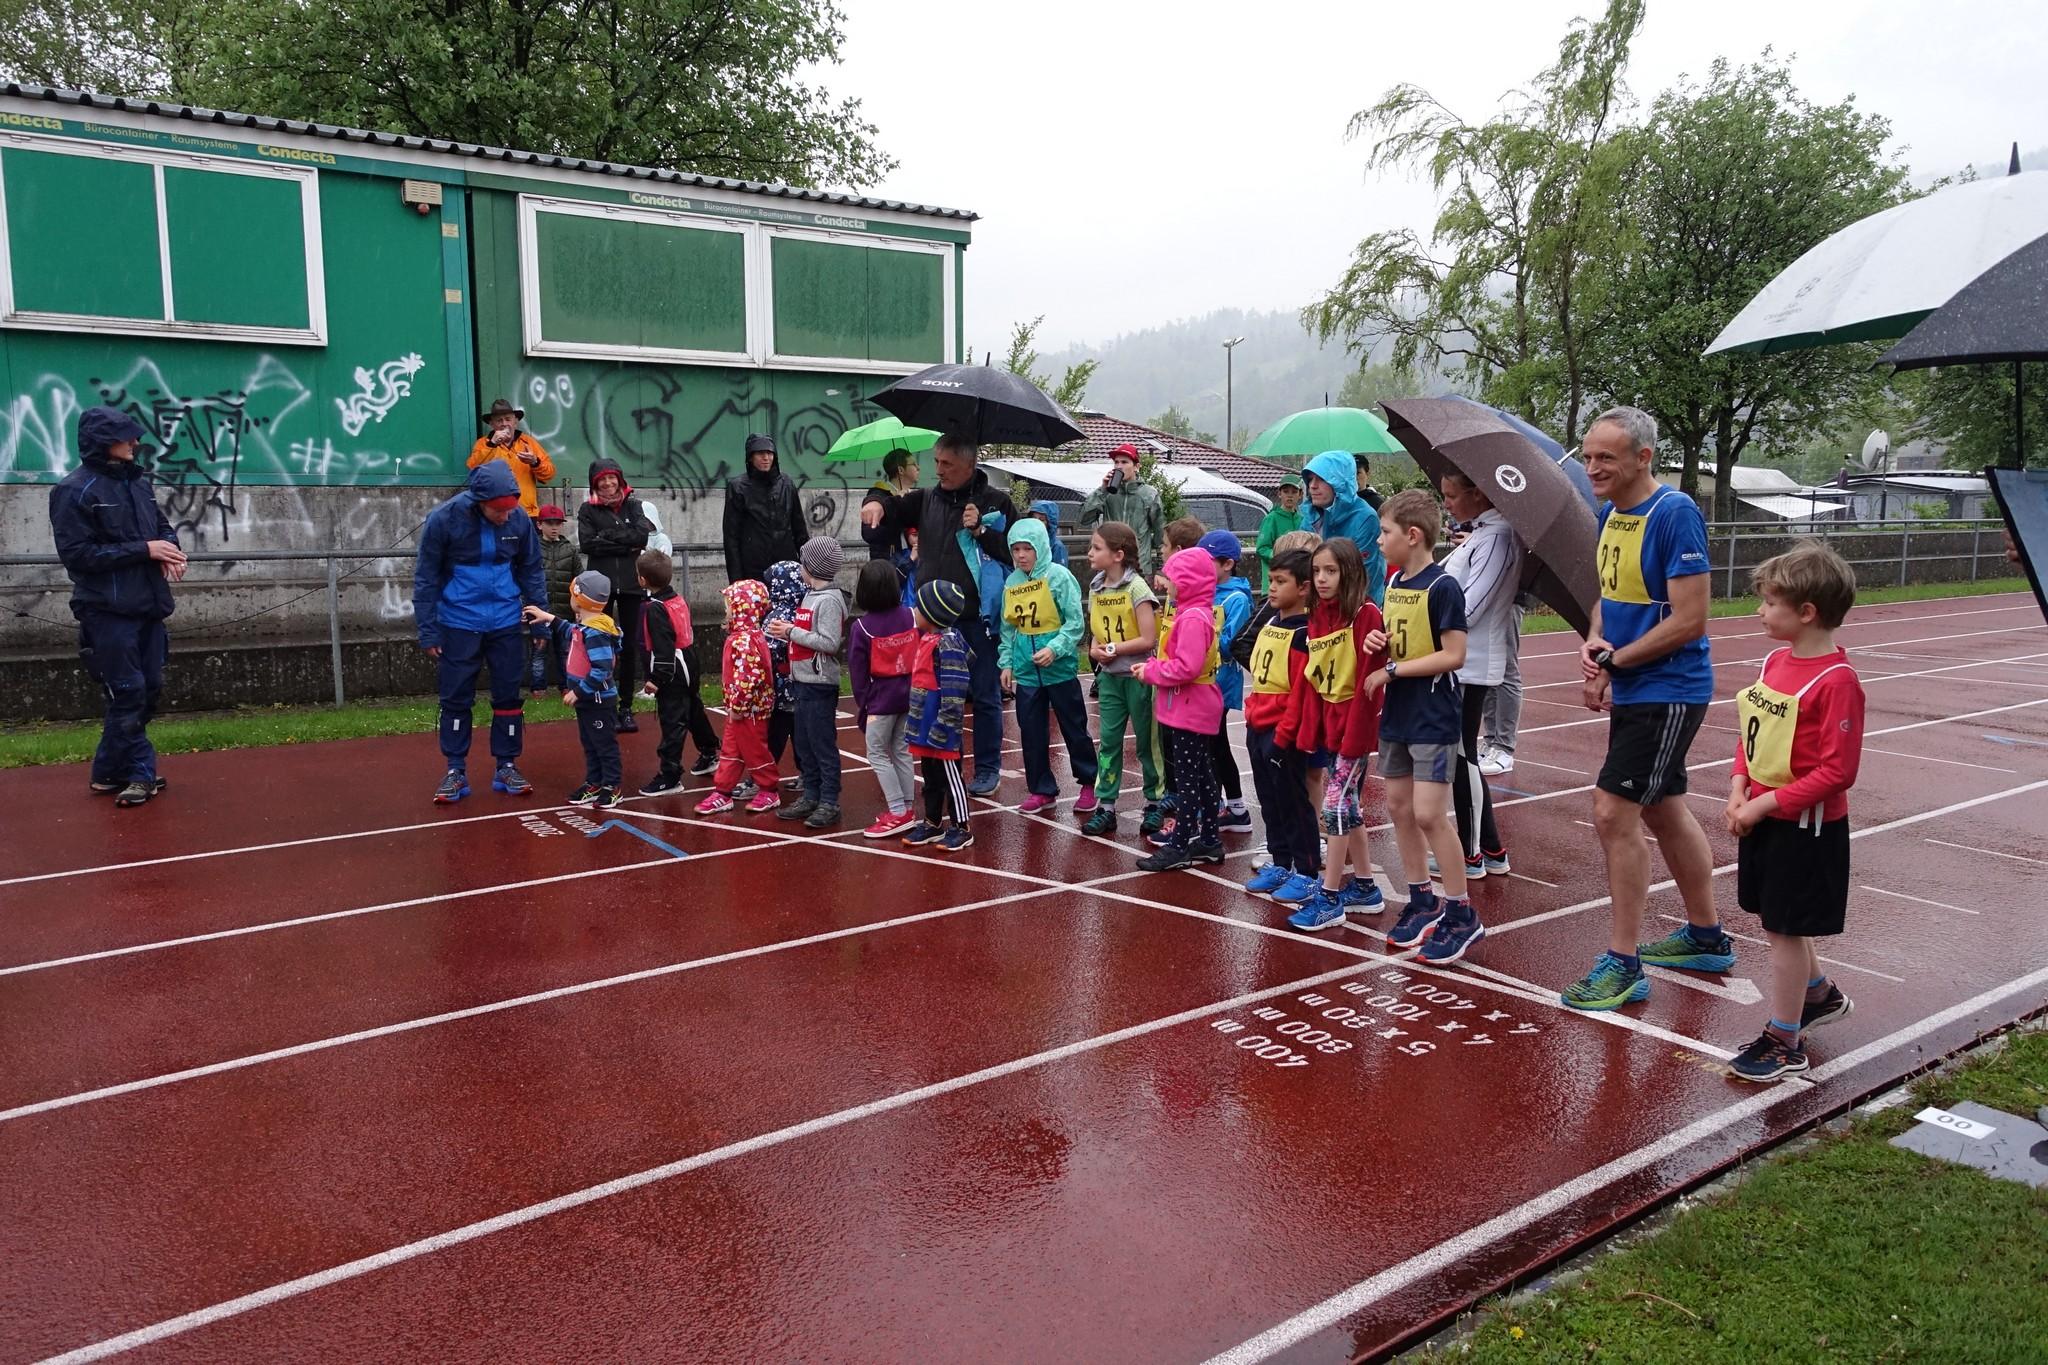 2019.05.08 - 12-Minuten Lauf (CUP)